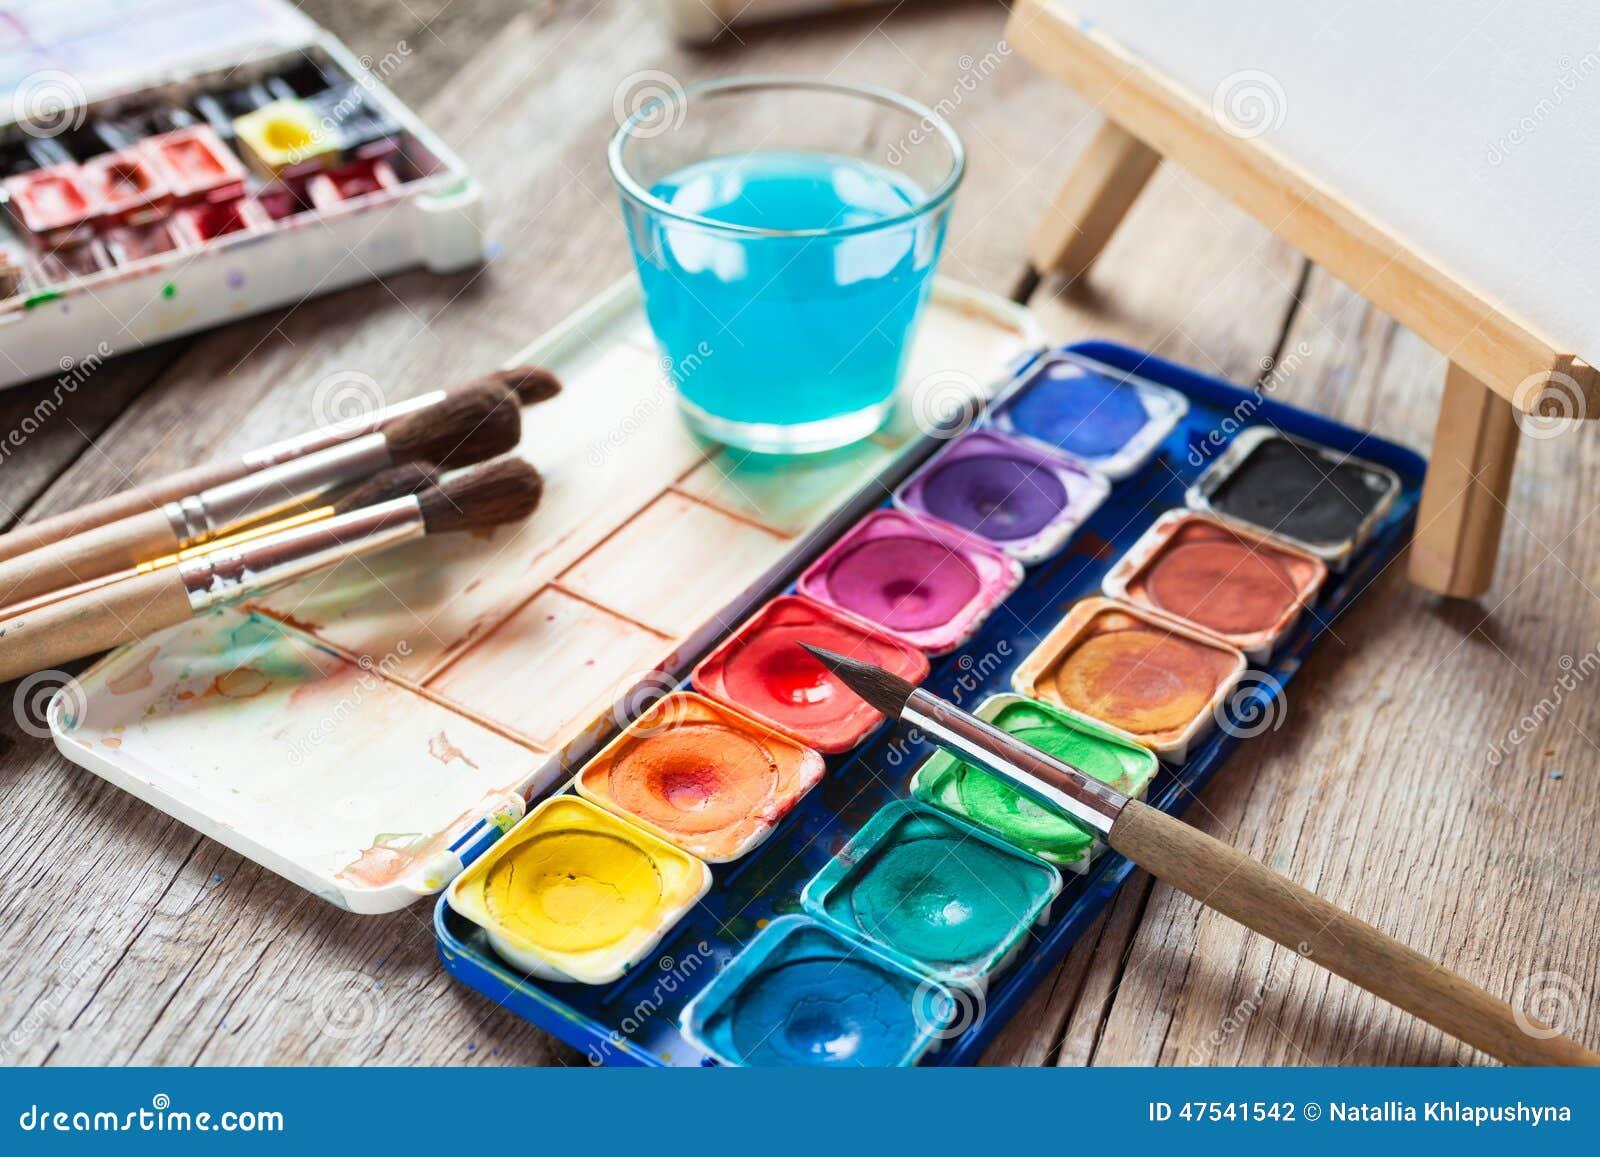 Paint Pallet Art Table